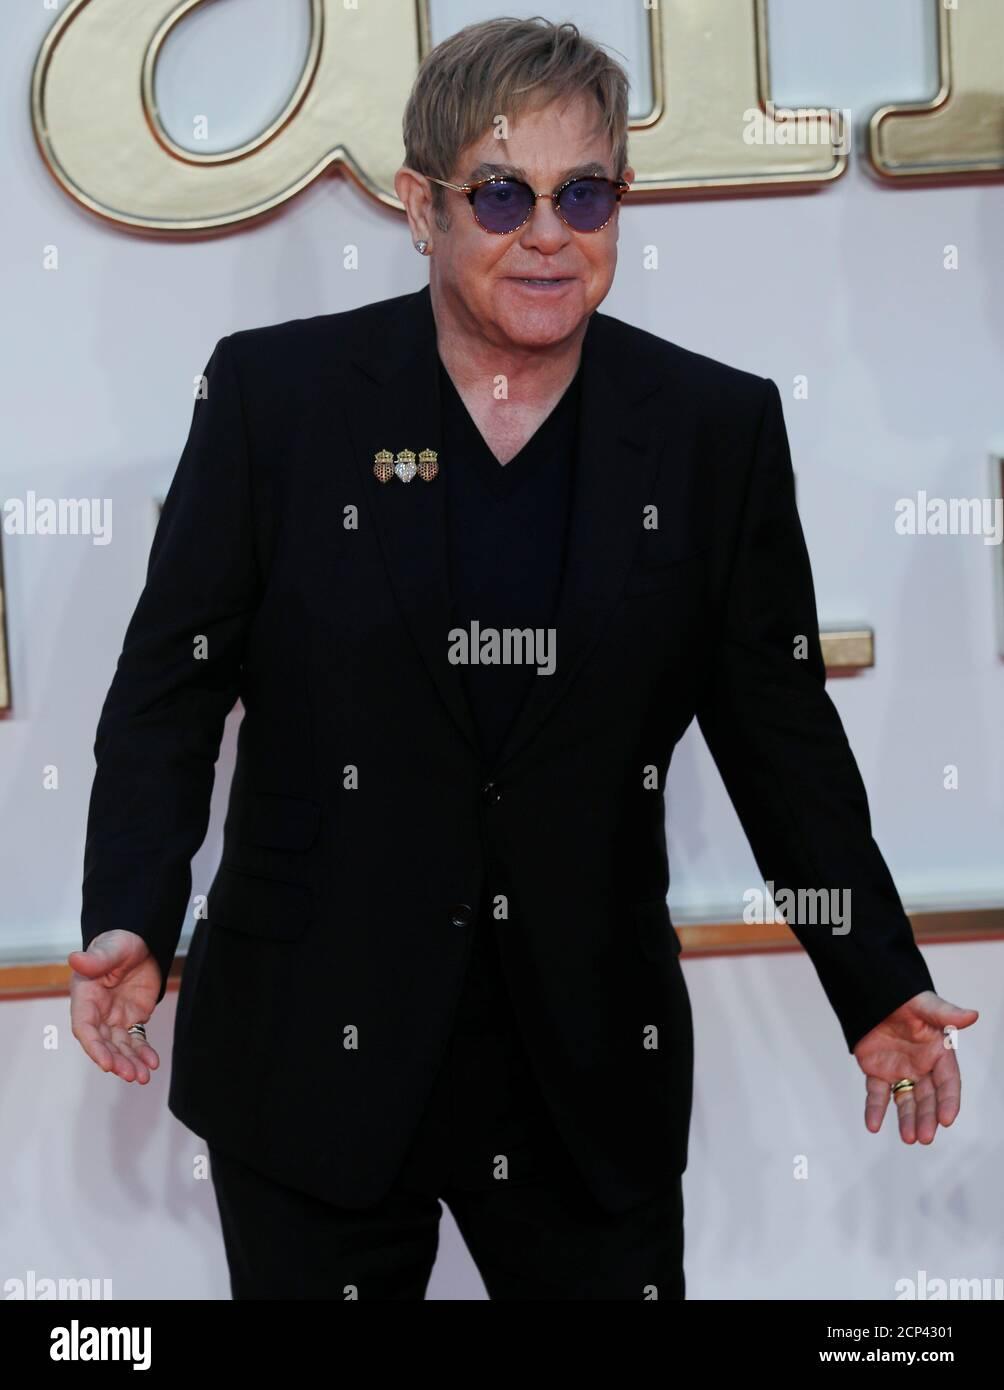 El cantante Elton John llega para el estreno mundial de 'Kingsman: The Golden Circle' en Londres, Gran Bretaña el 18 de septiembre de 2017. REUTERS/Eddie Keogh Foto de stock